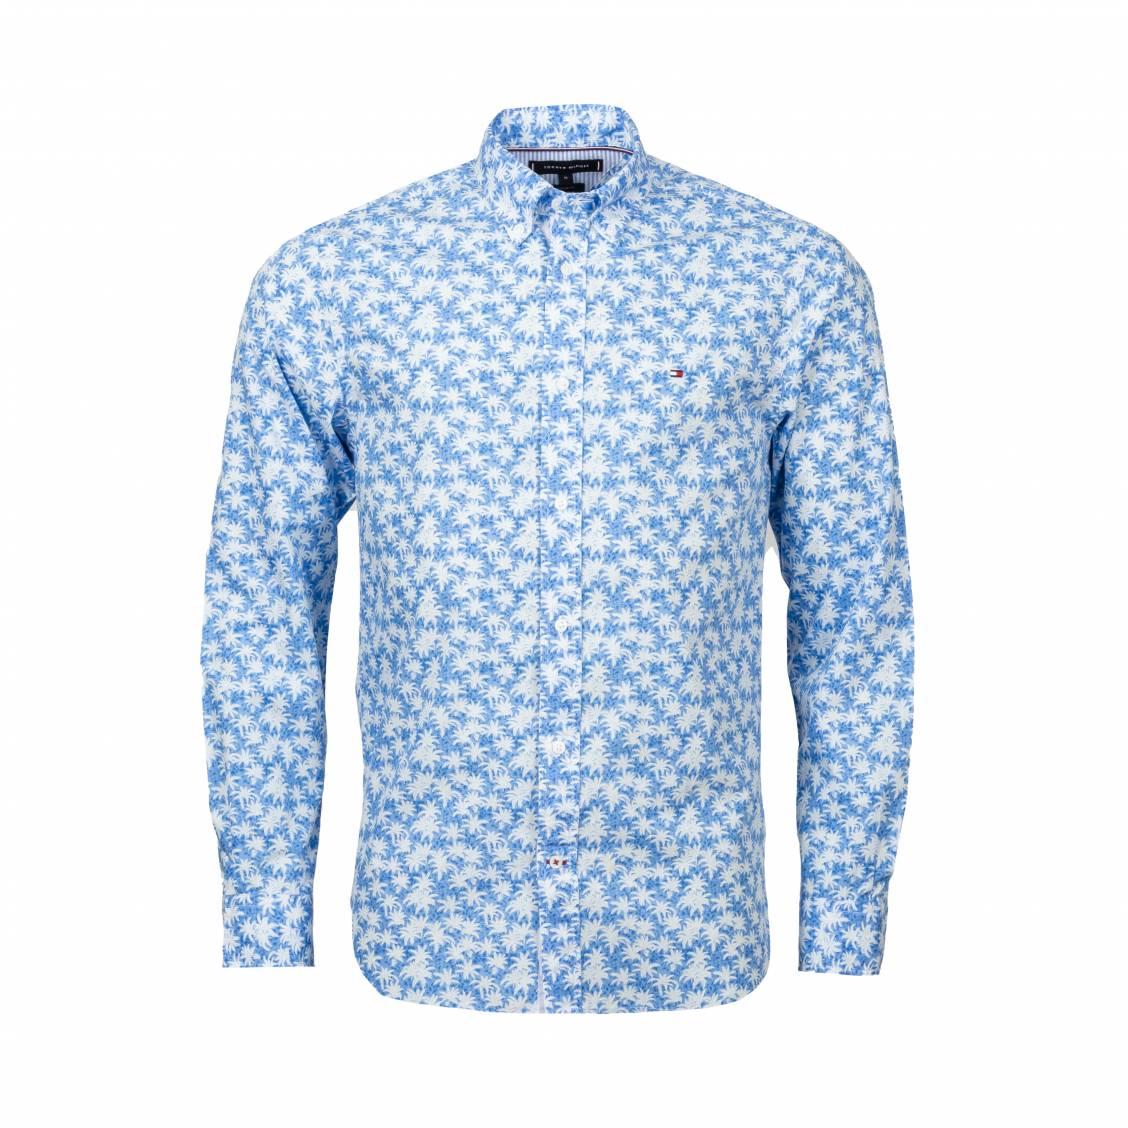 Chemise coupe ajustée Tommy Hilfiger en coton bleu azur à feuilles blanches